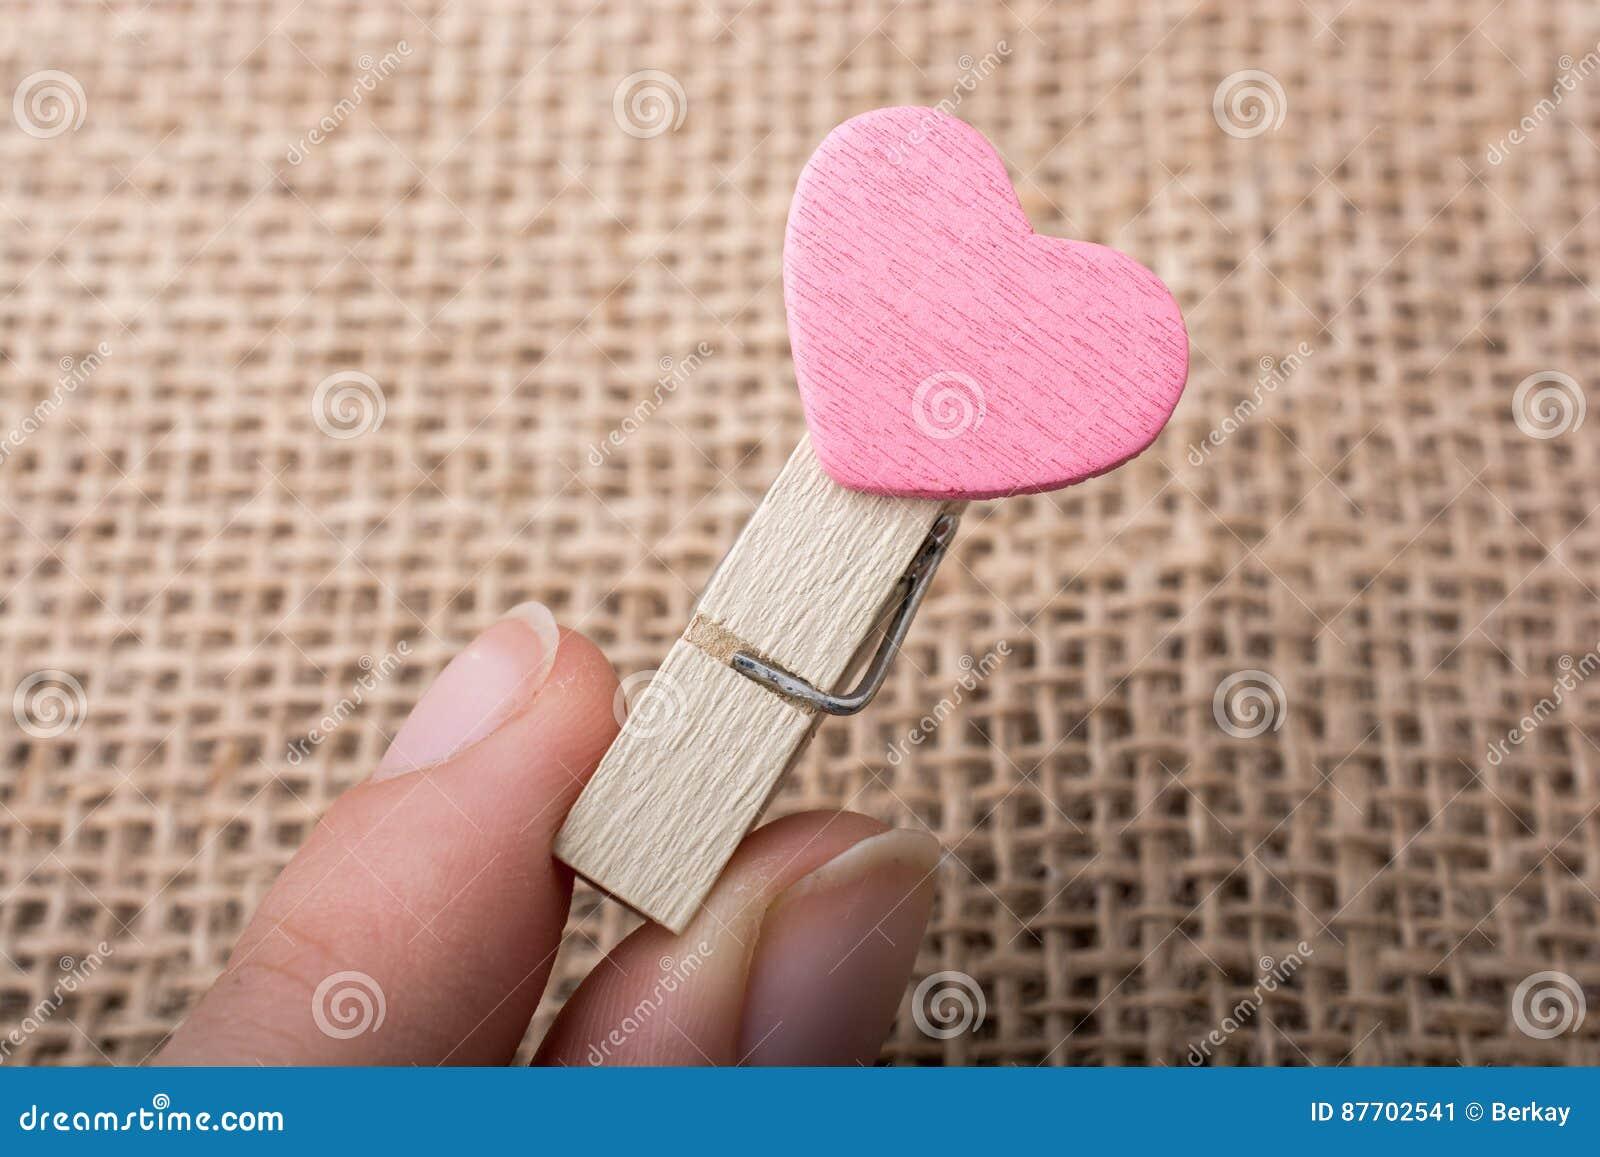 Icône de forme de coeur attachée à la pince à linge